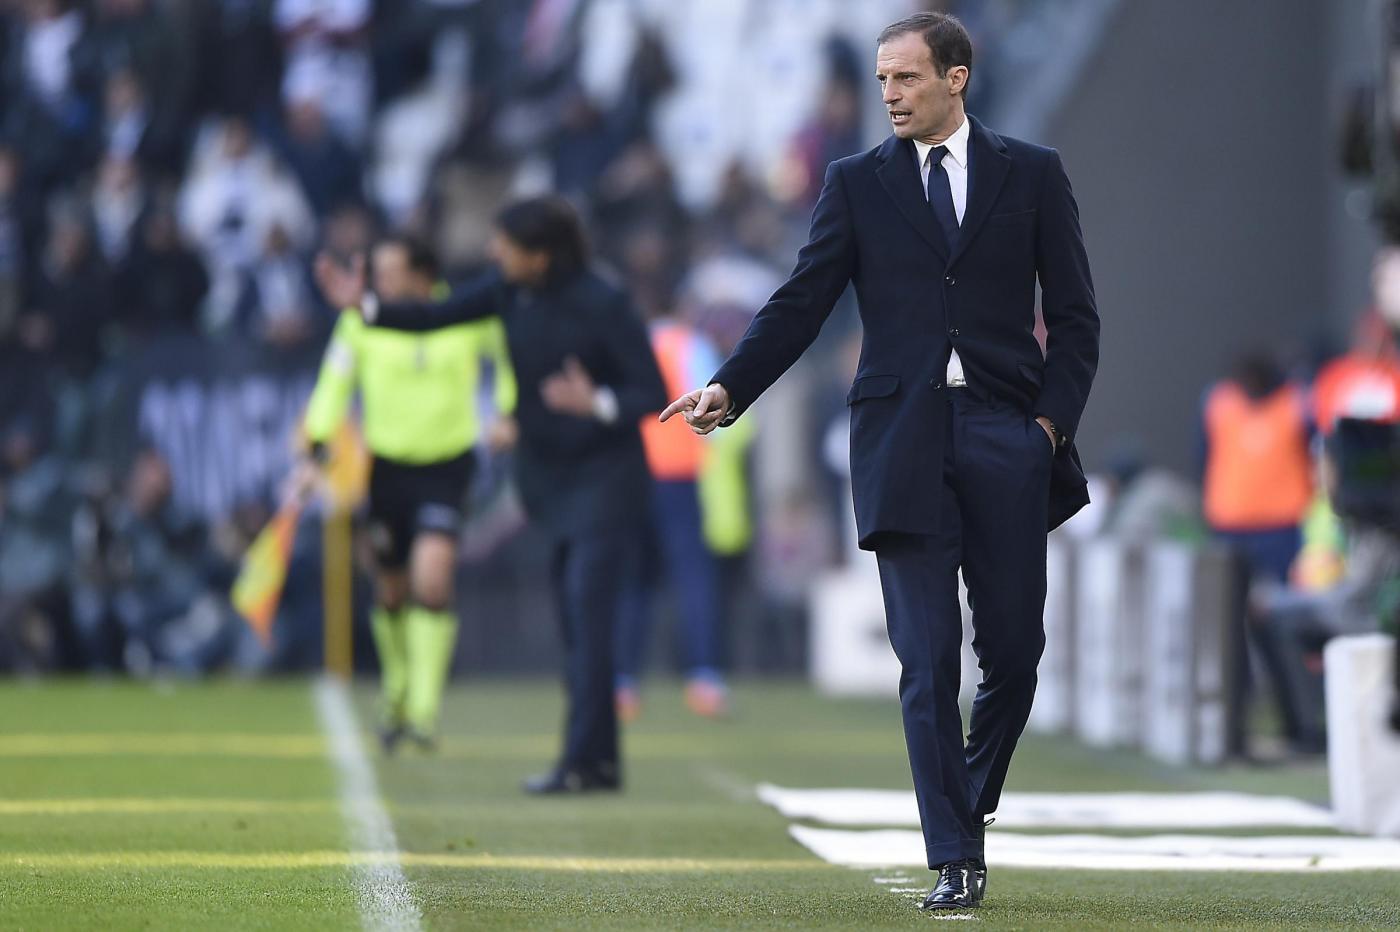 L'abbraccio tra Buffon e l'arbitro Tagliavento fa infuriare i tifosi anti-Juve